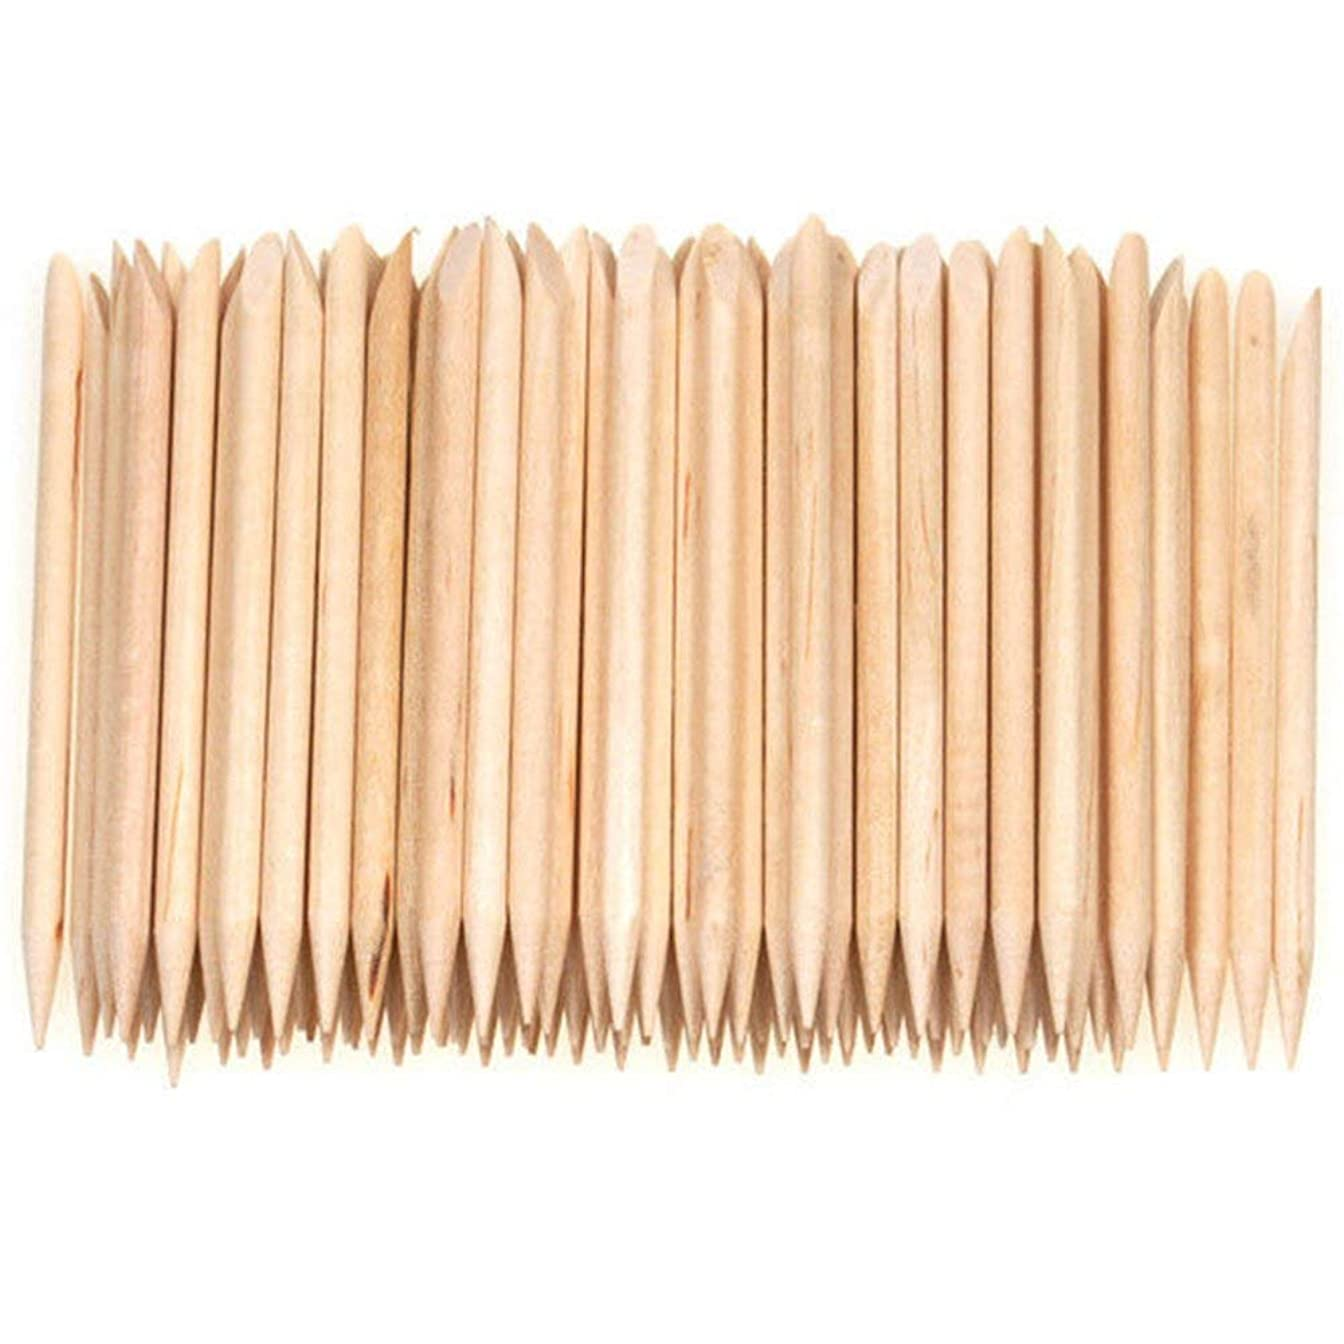 比率荷物病気だと思うRETYLY 100個ネイルアートデザイン木製の棒キューティクルプッシャーリムーバーマニキュアケア